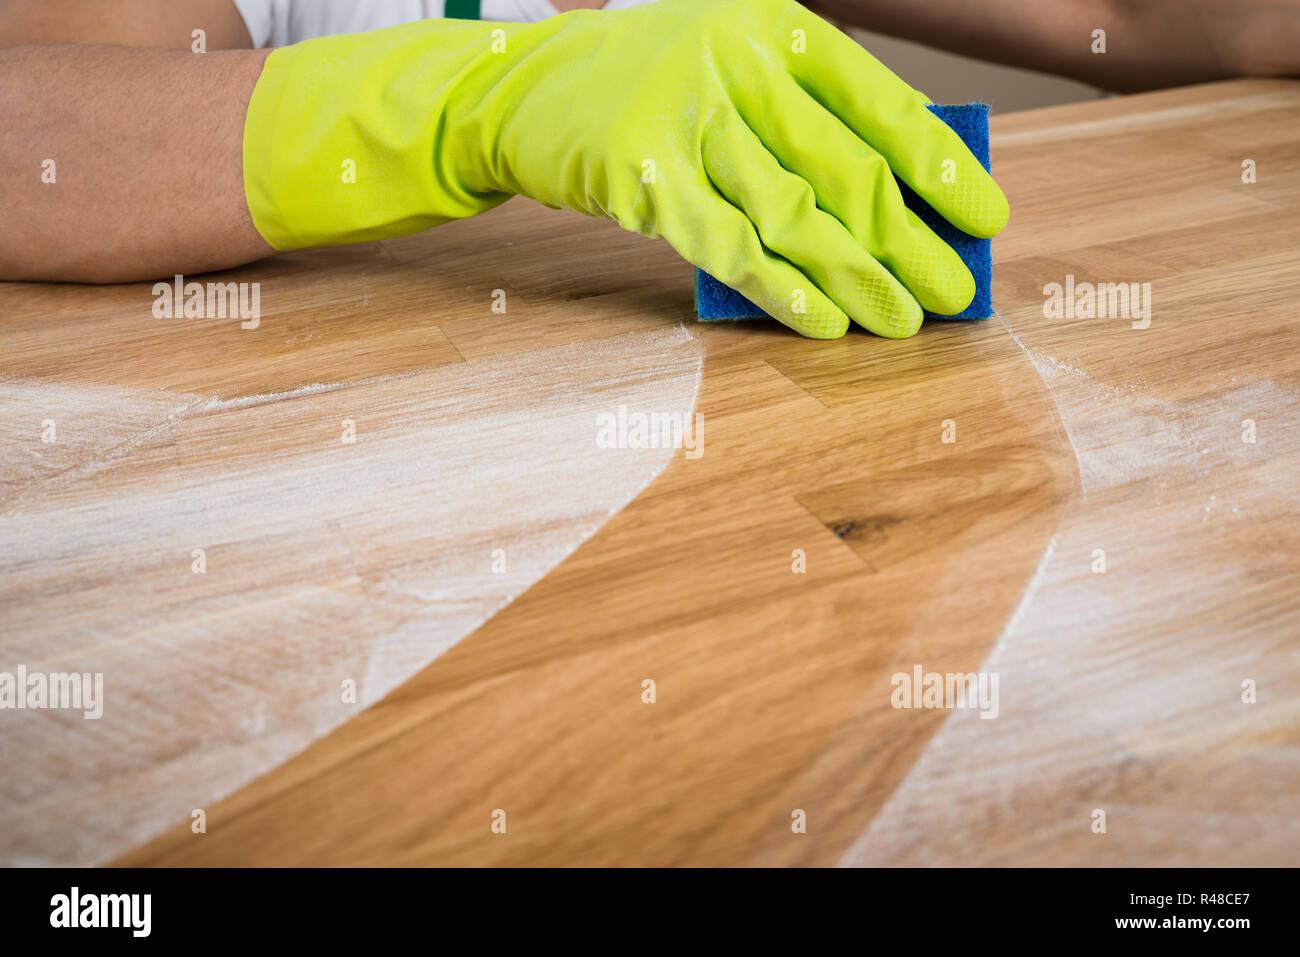 Top Mann Reinigung Staub auf hölzernen Tisch Stockfoto, Bild CW65